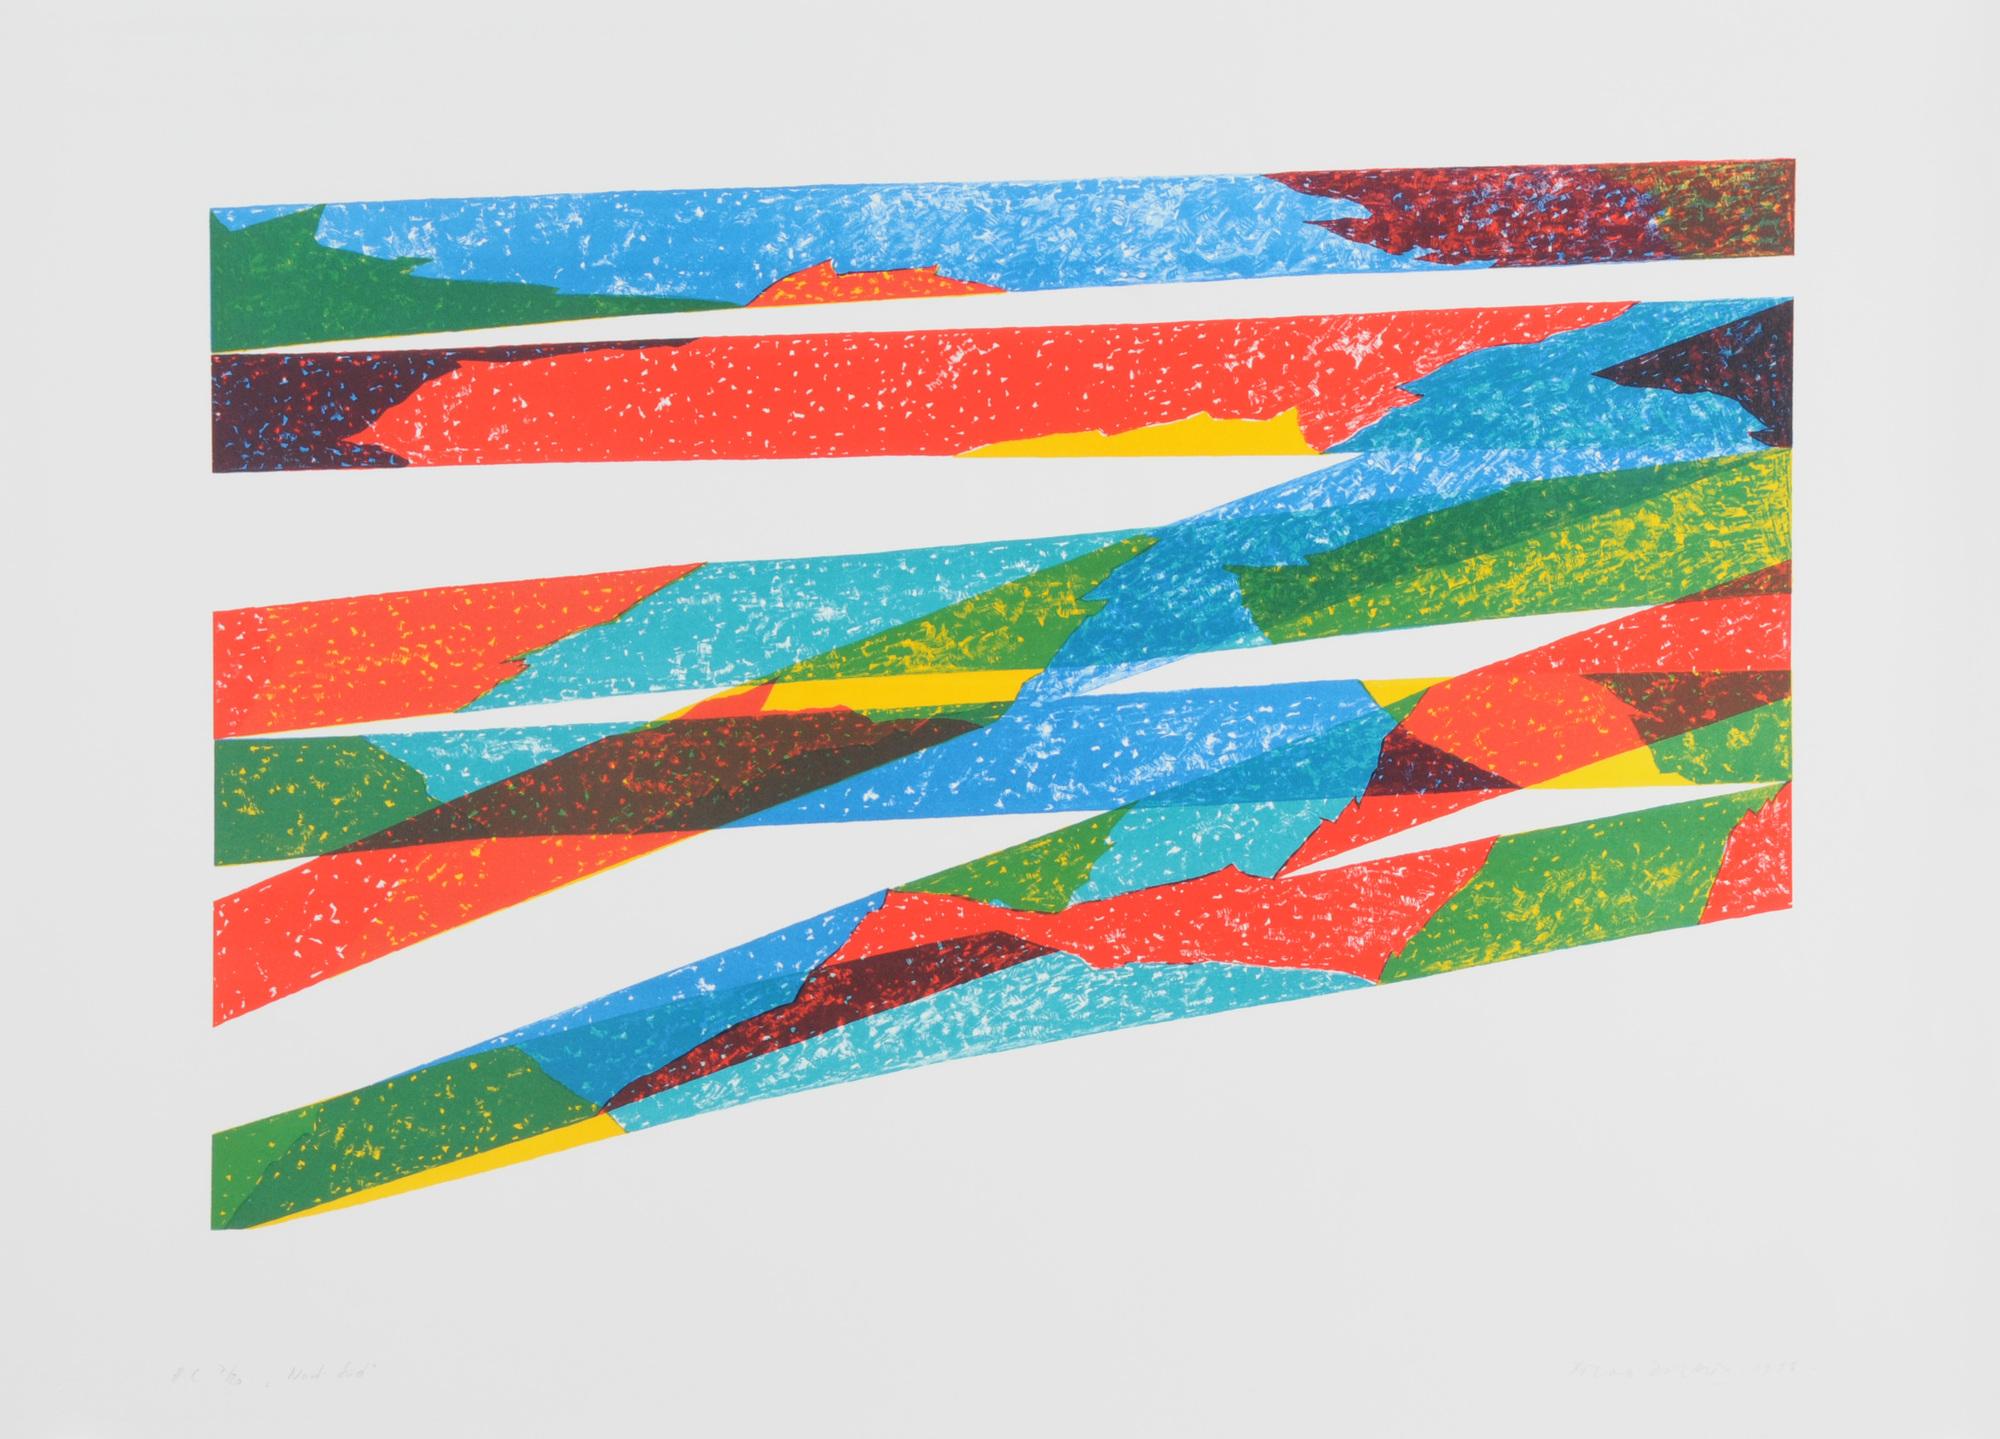 Dorazio Piero, 8 sheets: Senza titolo; Senza titolo, 1970; Monolithos, 1976; Nord-Süd, 1976; Senza titolo, 1976 (3); Senza titolo